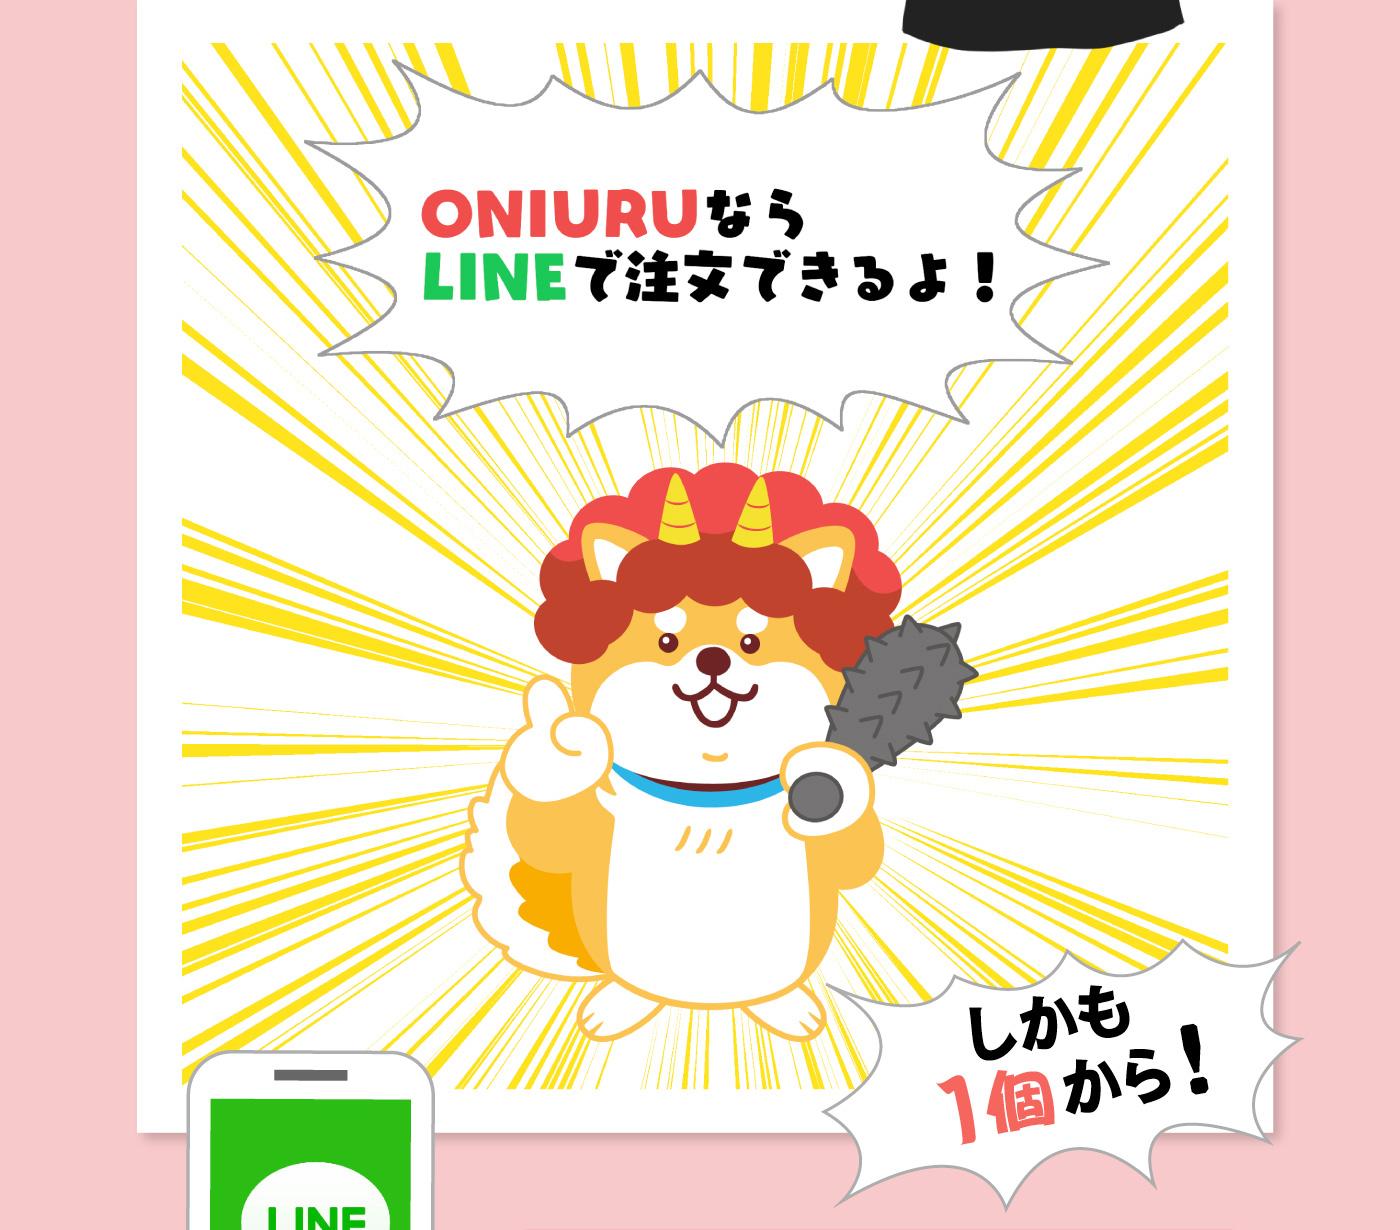 ONIUTUならLINEで注文できるよ!しかも1個から!